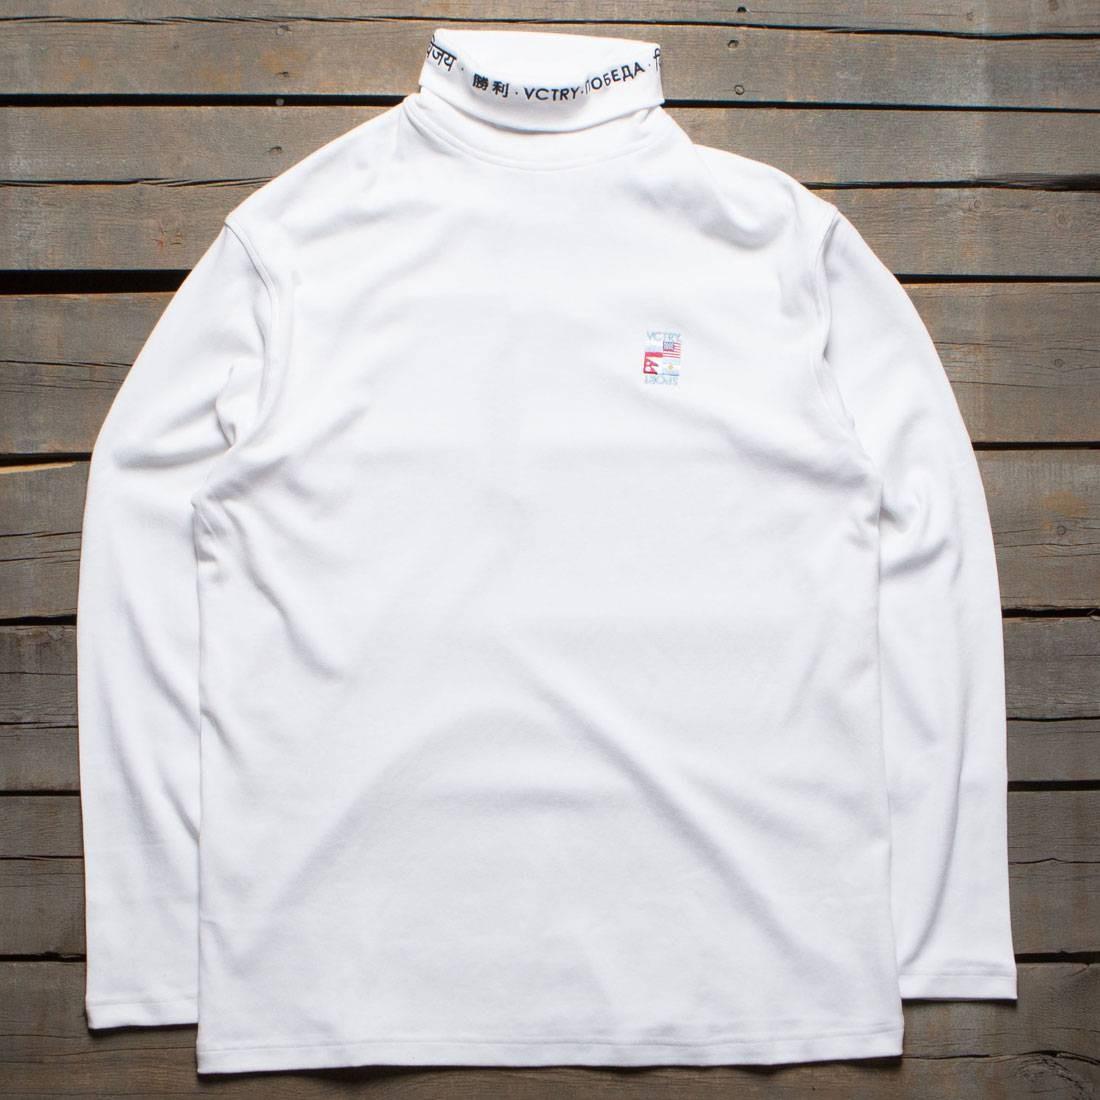 ディープ 【 10 DEEP MEN EXPEDITION TURTLENECK SHIRT WHITE 】 メンズファッション トップス カジュアルシャツ 送料無料